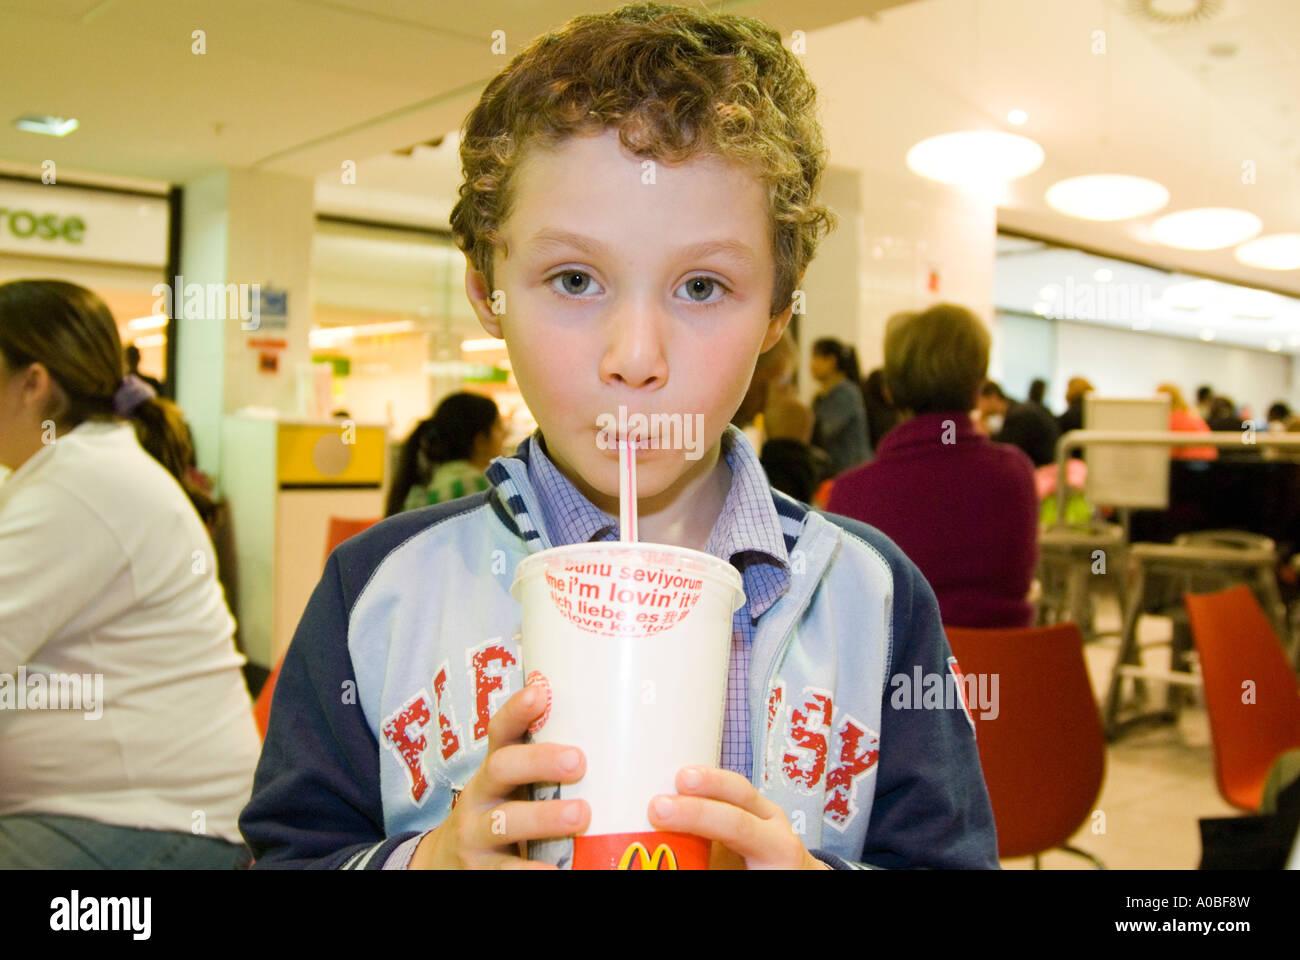 Child drinking McDonald's soft drink, England UK - Stock Image